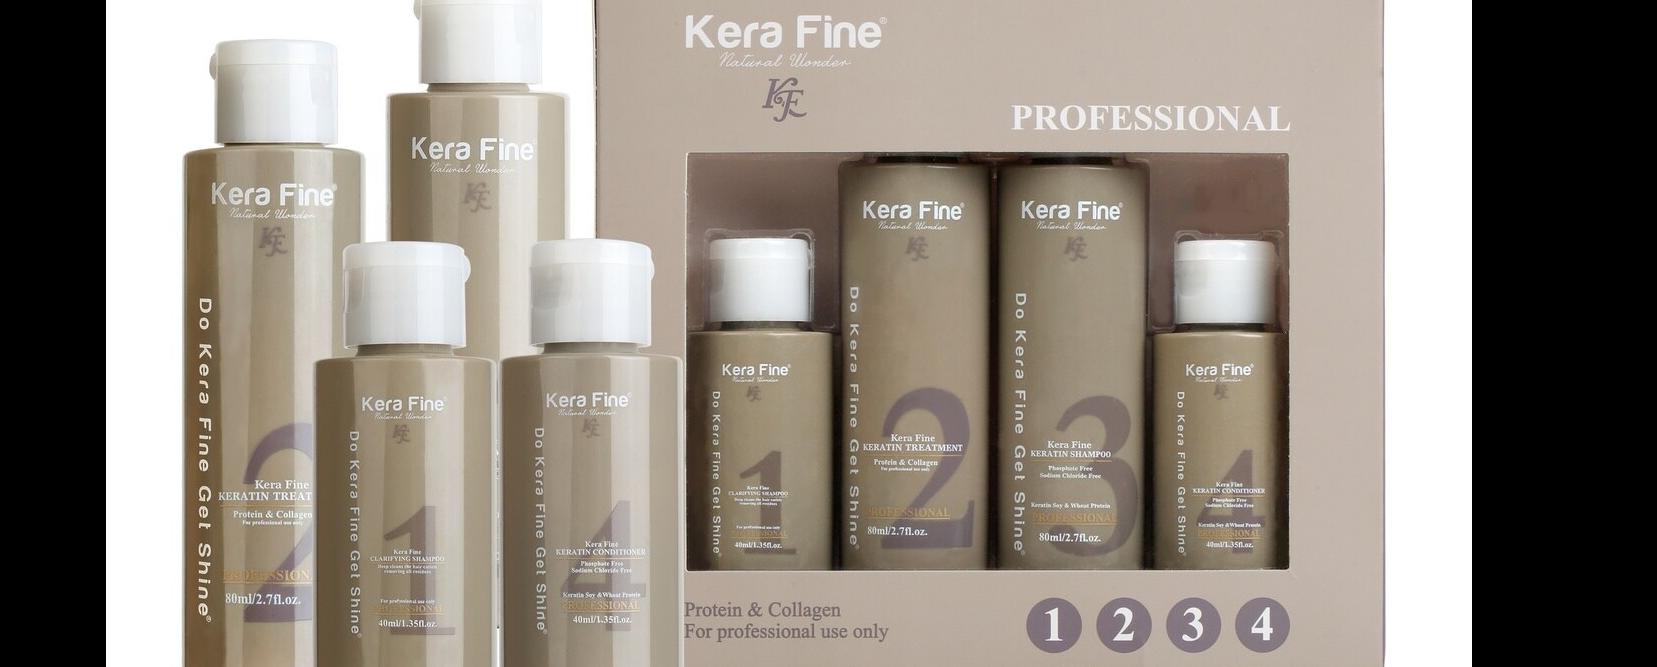 Kera Fine KF - Beauty and Cosmetics Store in Rohini Sector 5, delhi